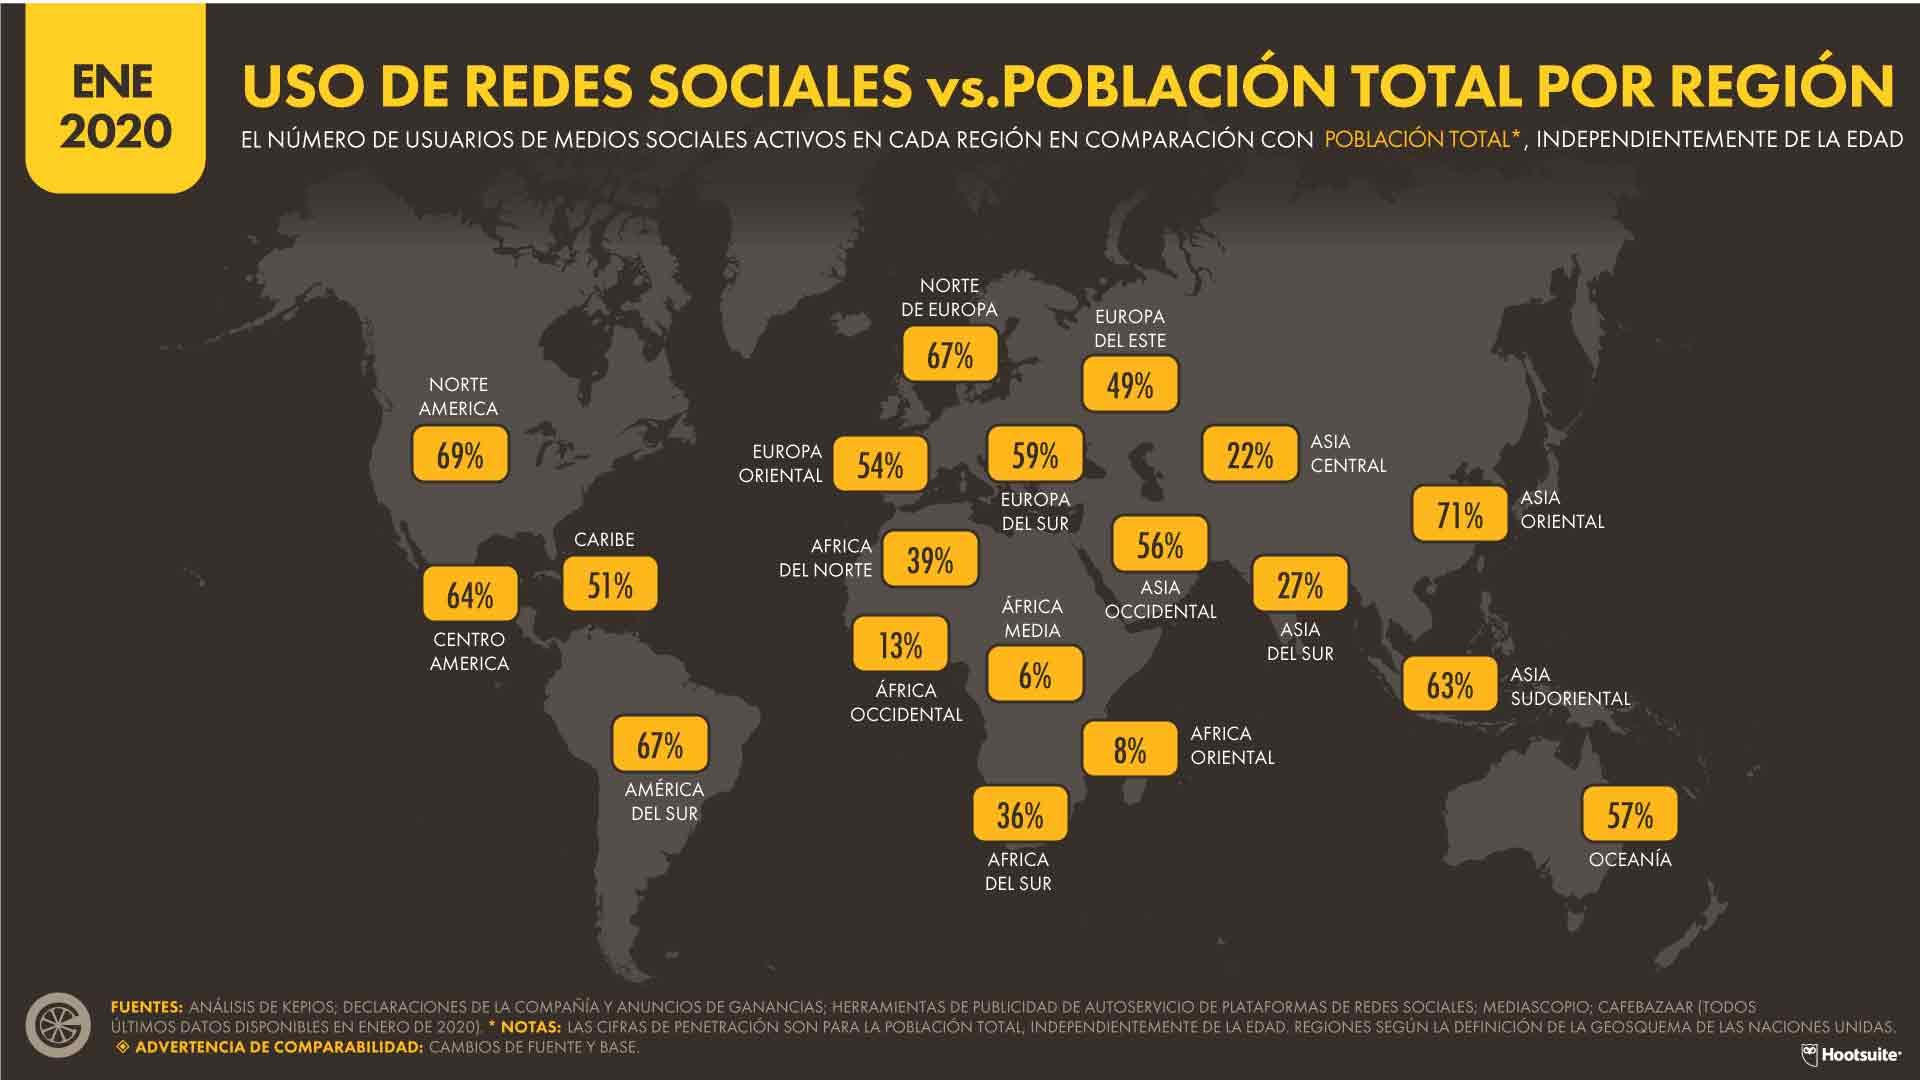 USO DE REDES SOCIALES vs.POBLACIÓN TOTAL POR REGIÓN